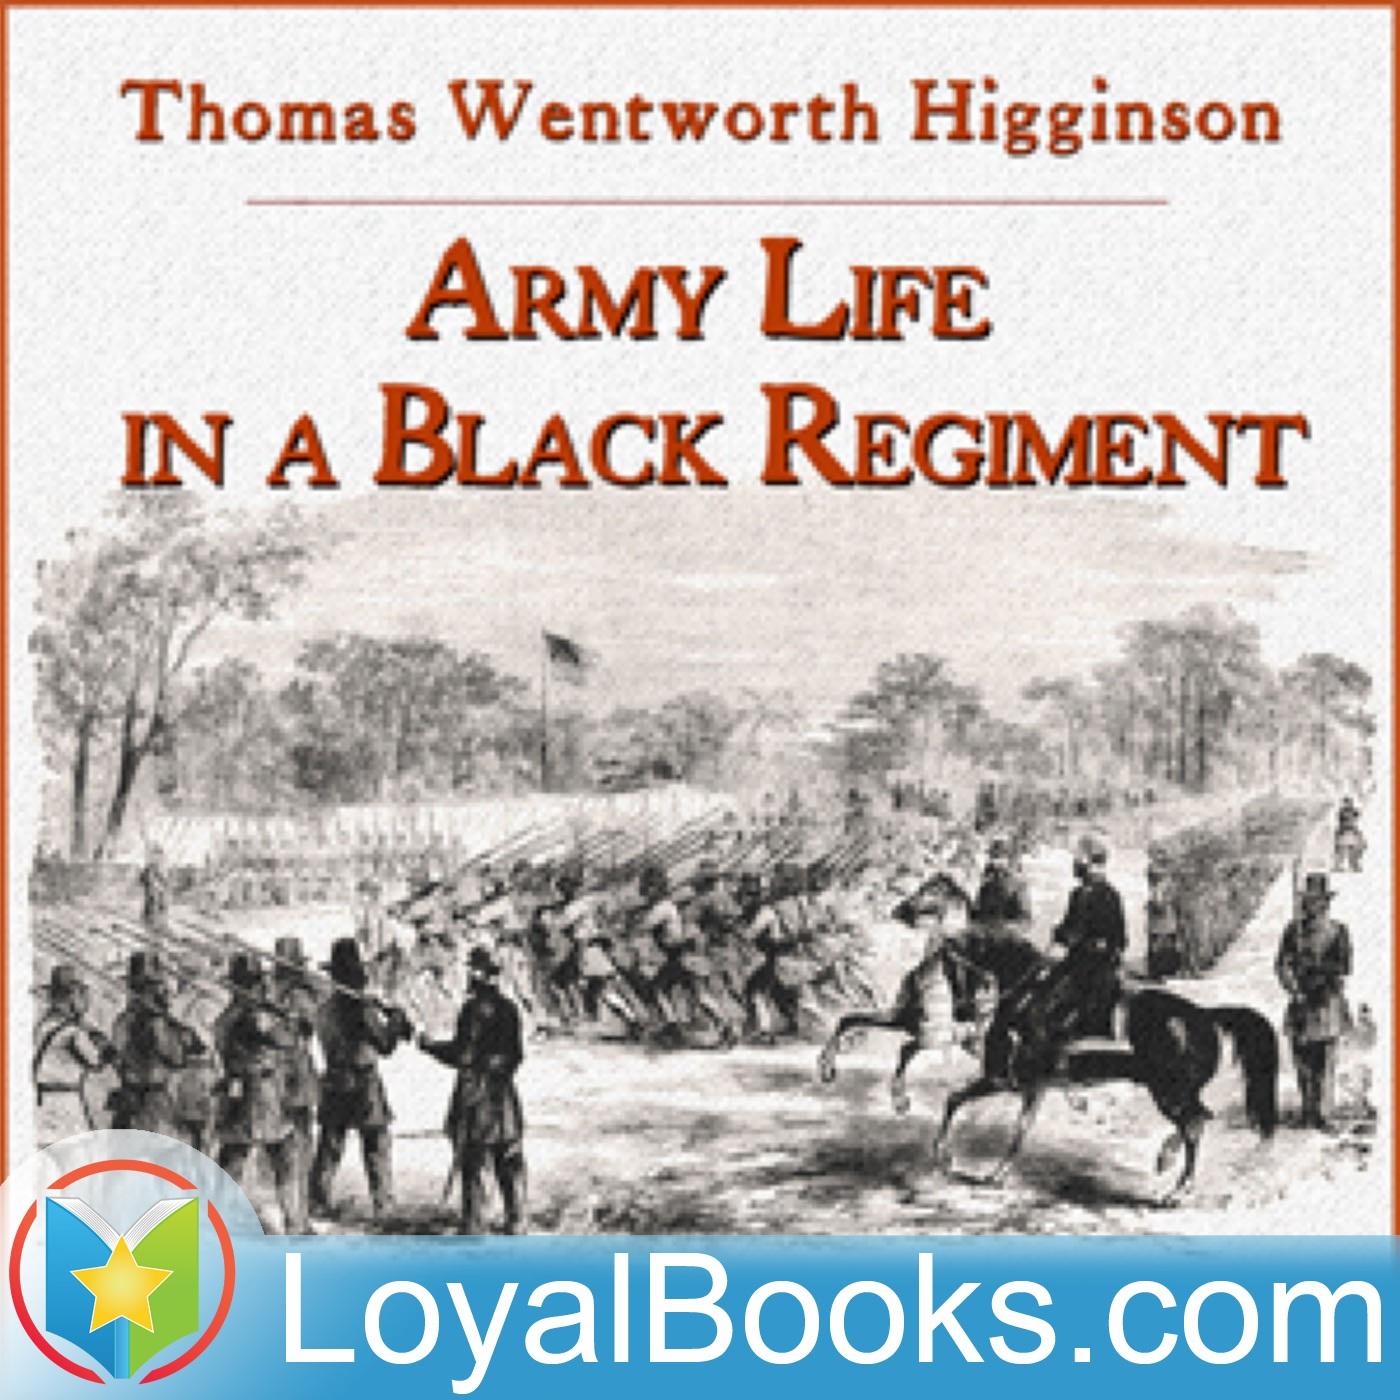 <![CDATA[Army Life in a Black Regiment by Thomas Wentworth Higginson]]>